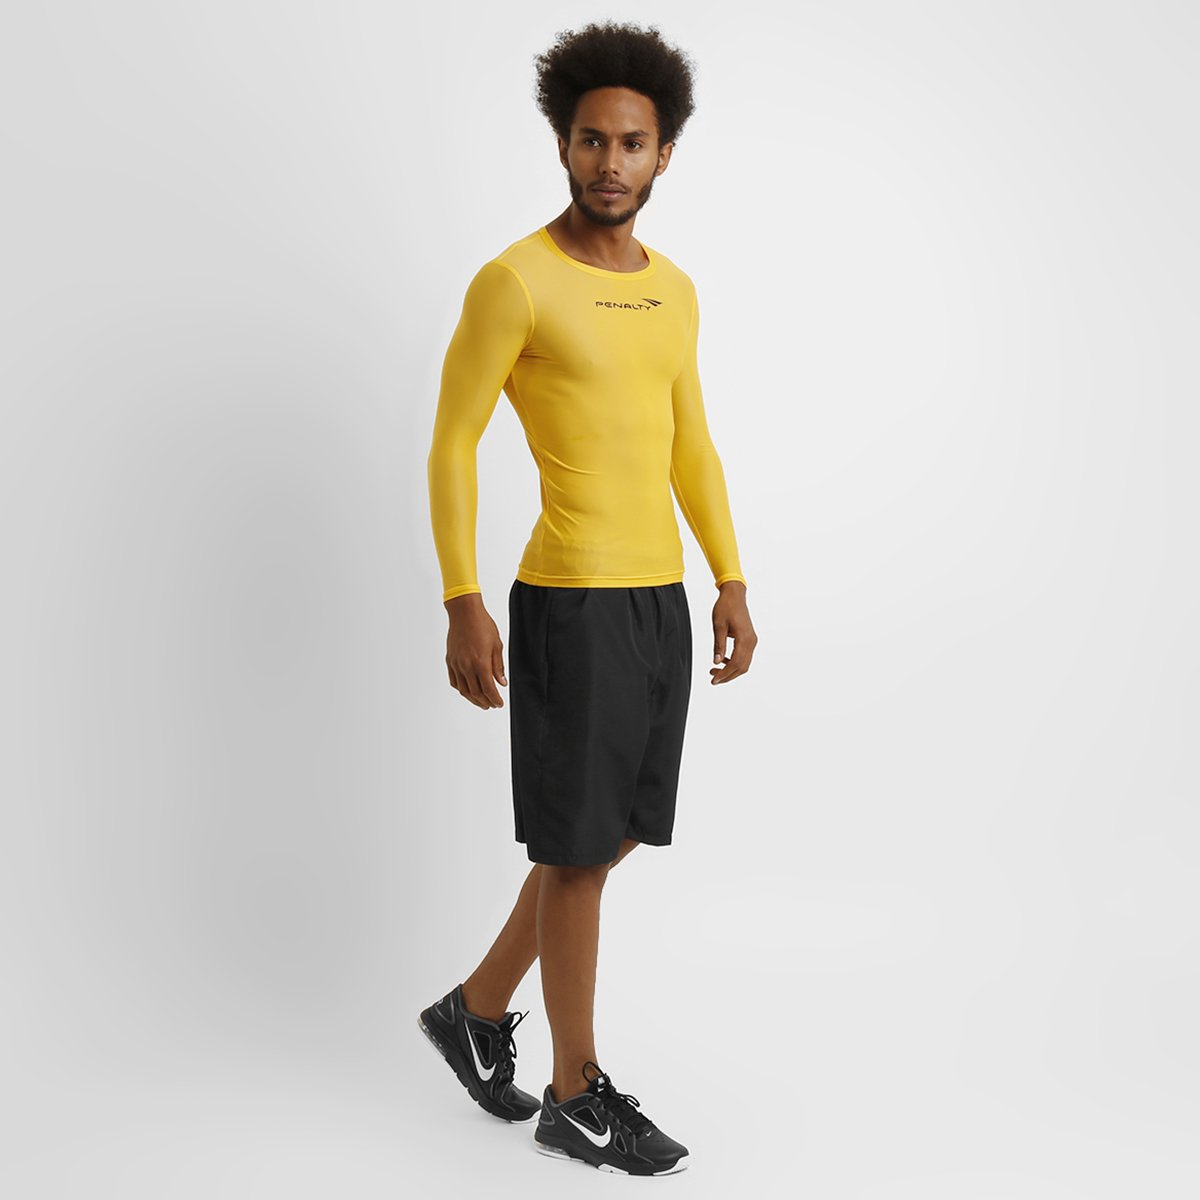 Camisa Térmica Penalty Matis 1 Manga Longa Masculina - Compre Agora ... cae423155fb94